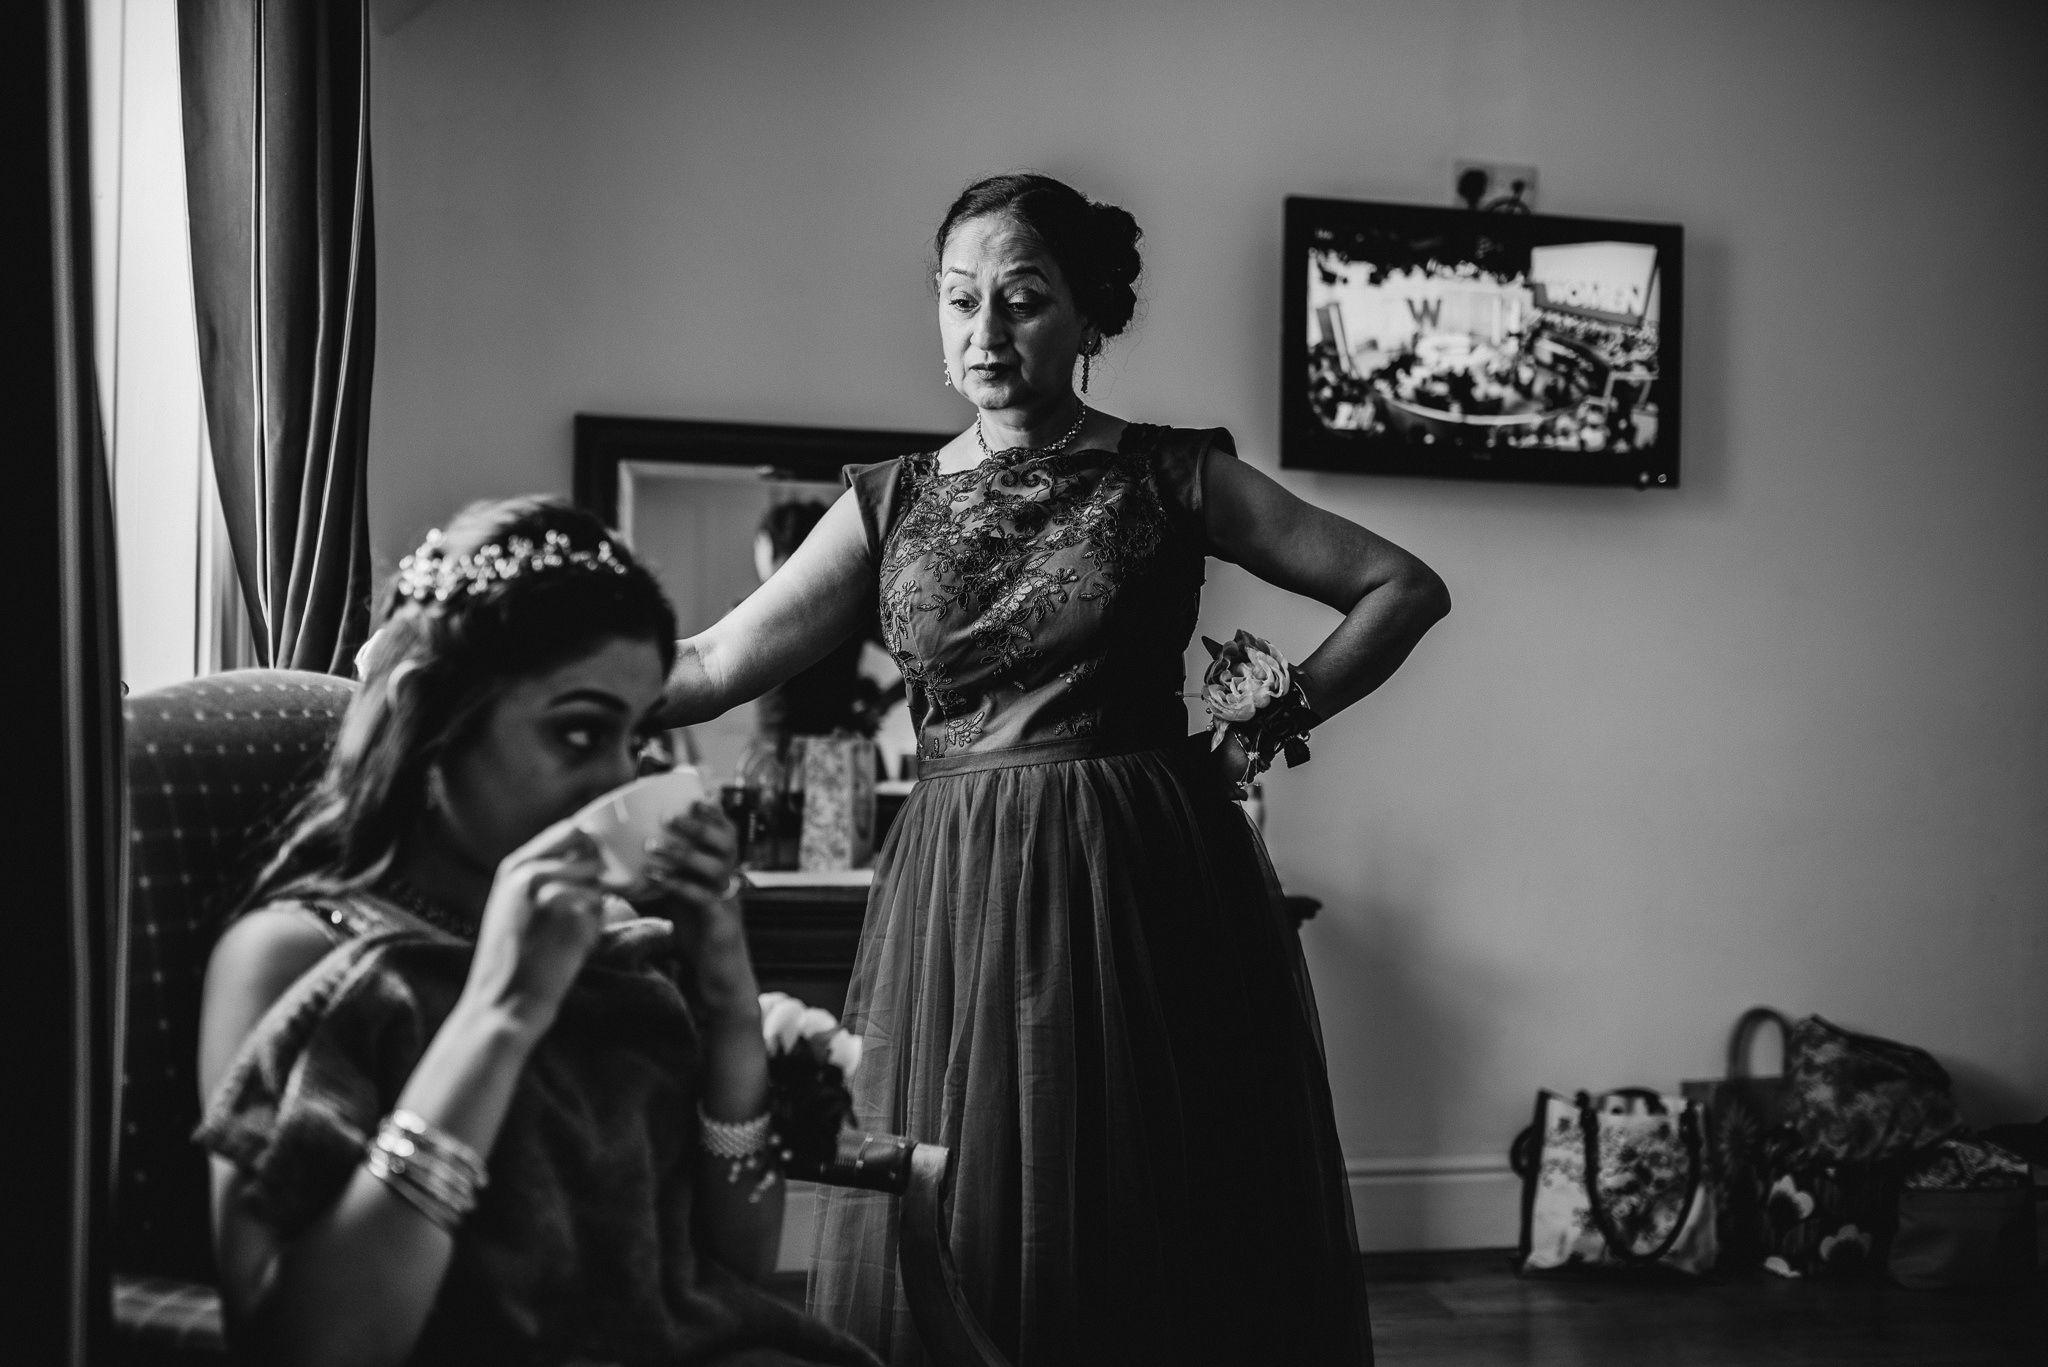 yorkshire-bridal-prep-photos-4.jpg